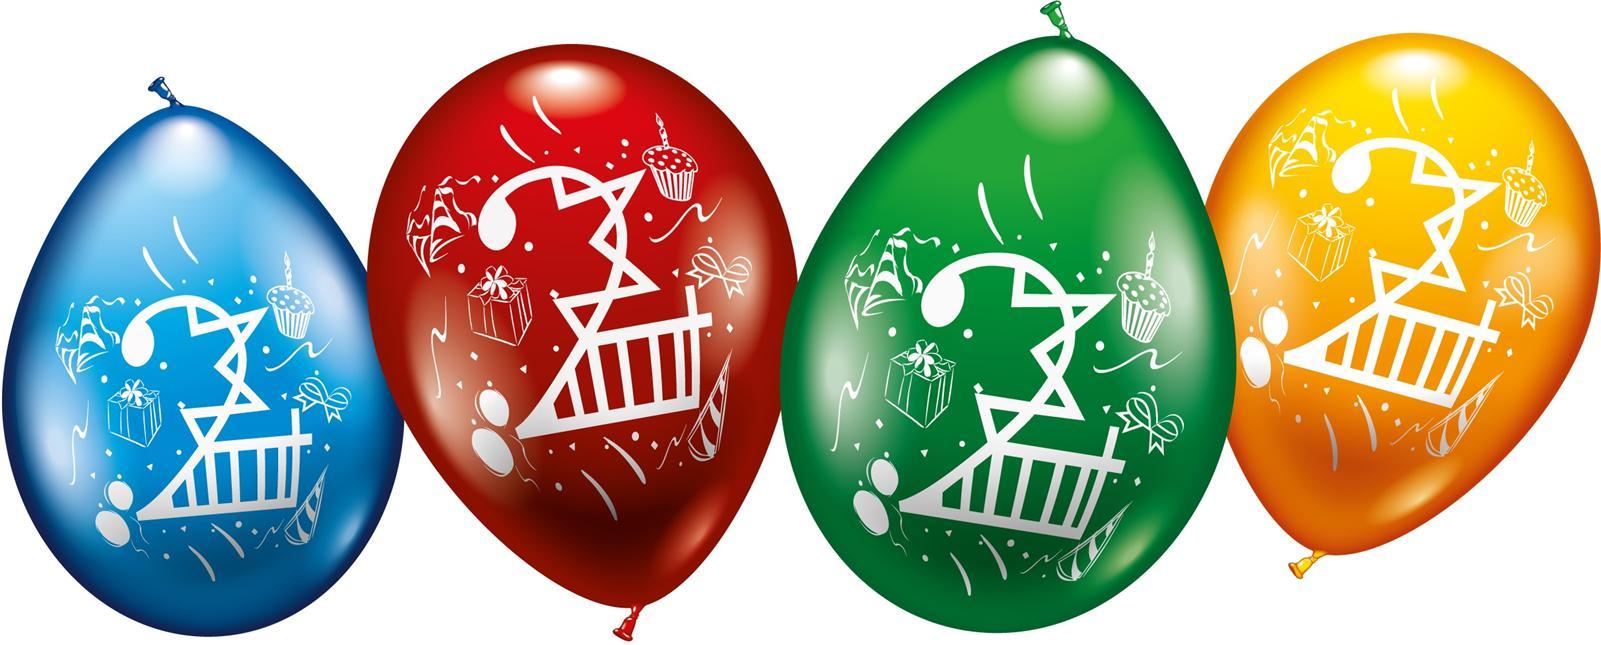 Zahlen Luftballons zum 2. Geburtstag Helium geeignet